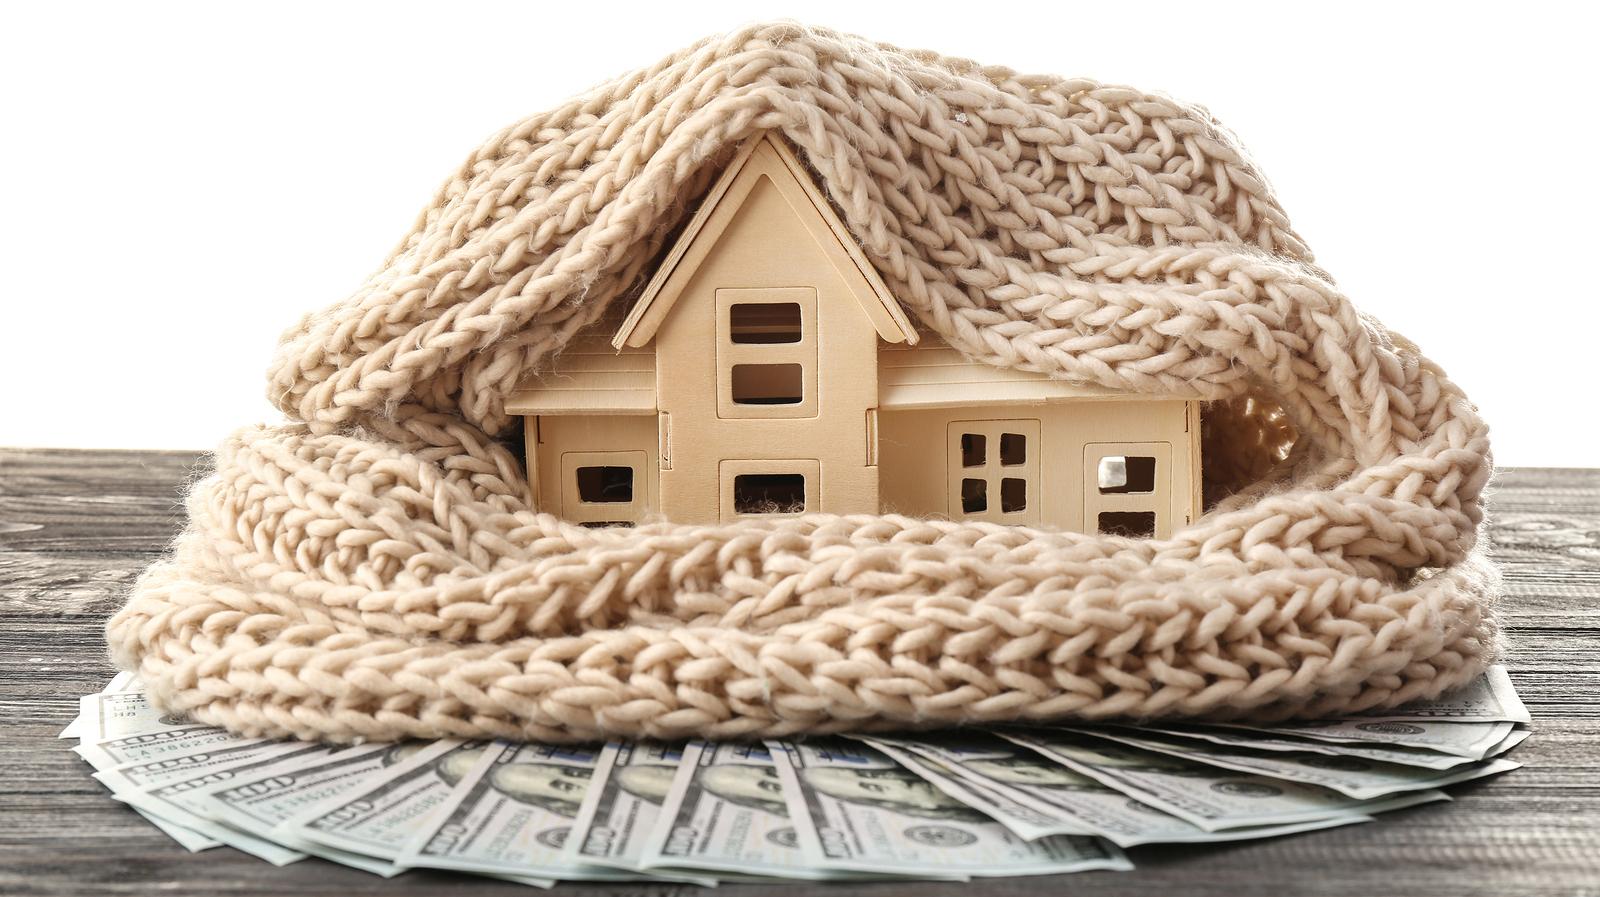 انتخاب بهترین وسیله گرمایشی برای منزل